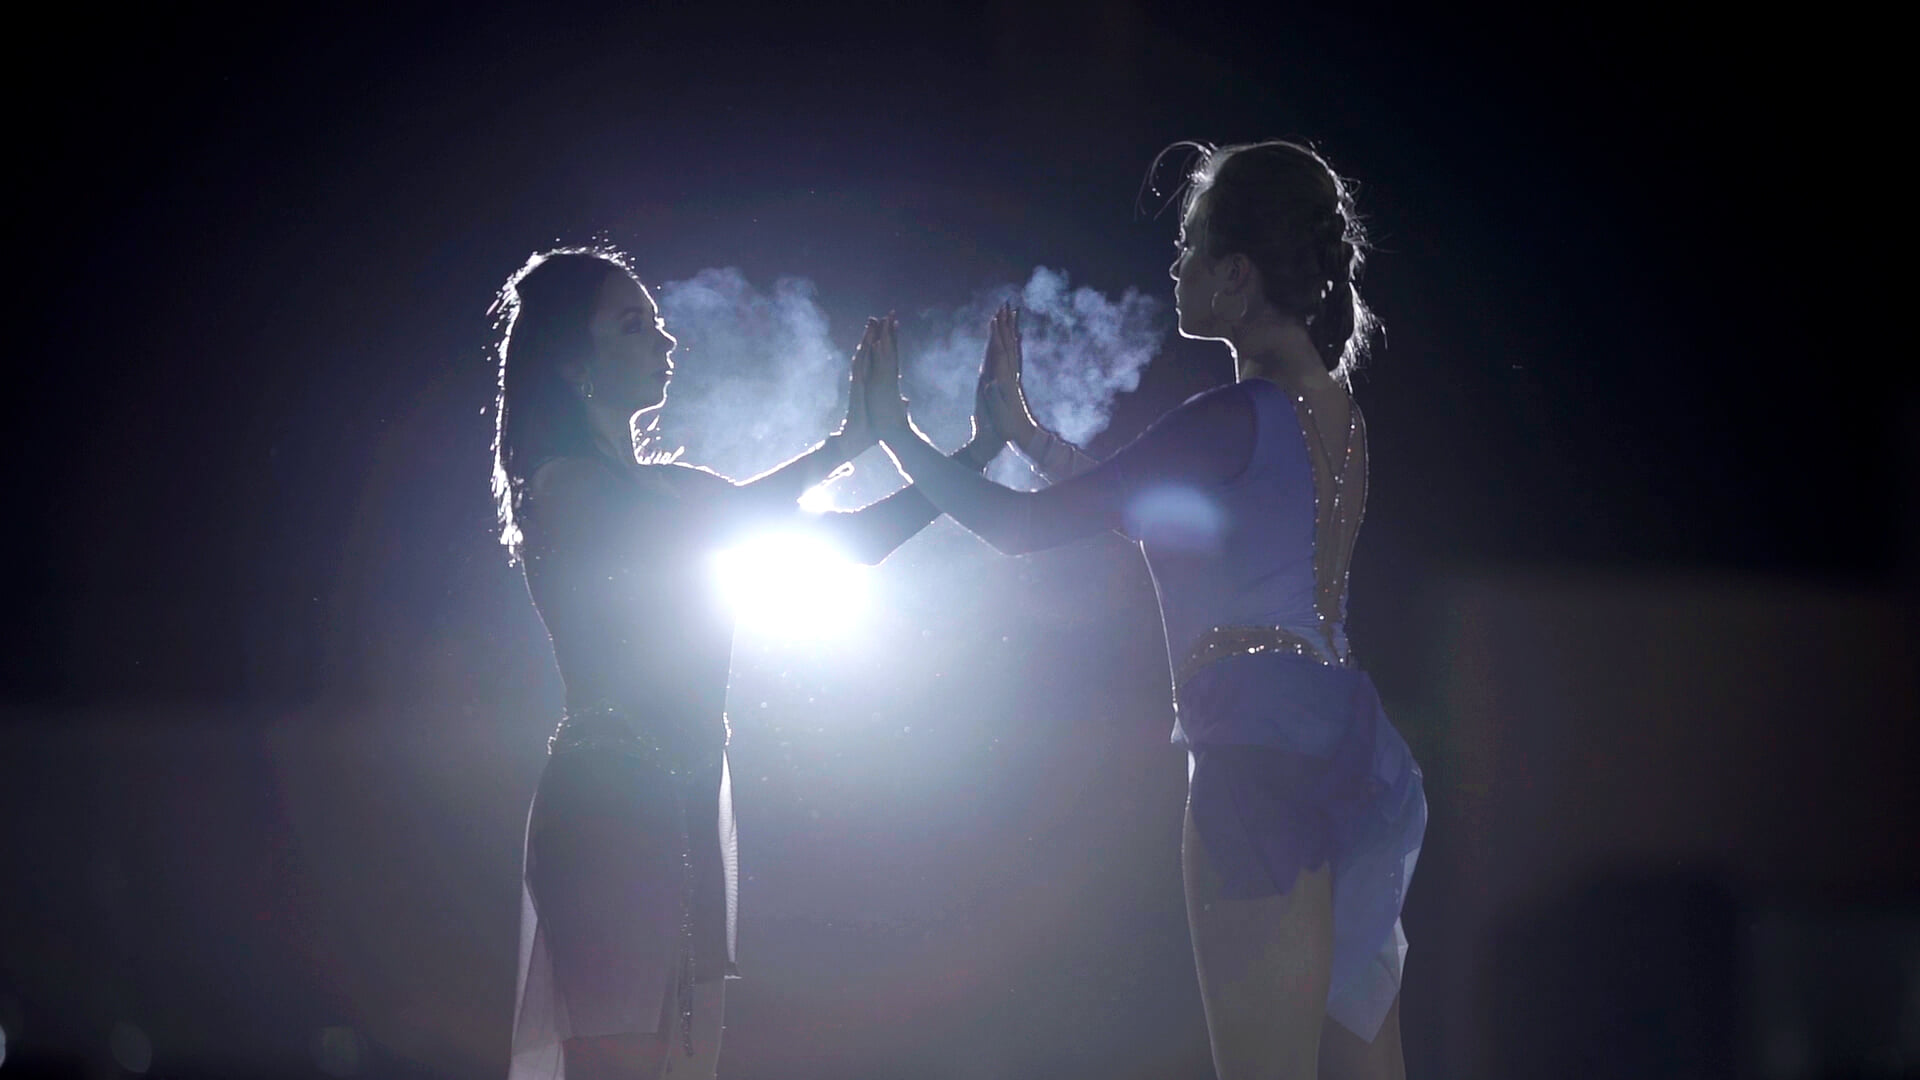 Туктамышева и Радионова вместе на льду: танец на катке в парке, платья как у диснеевских принцесс